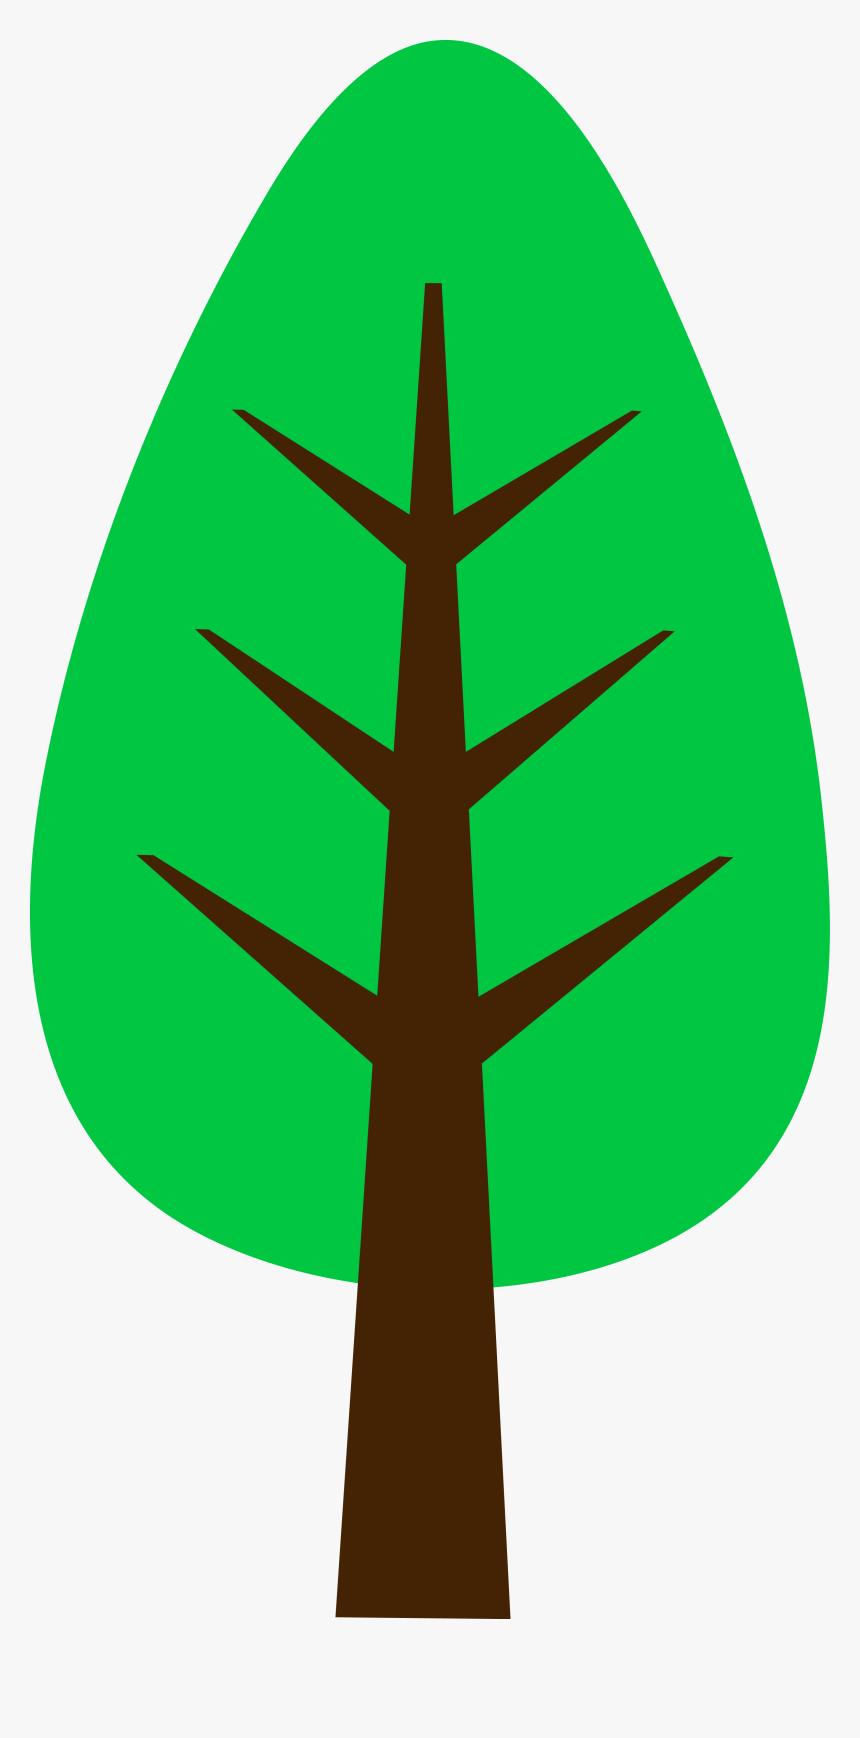 Cute Simple Green Tree Cute Cartoon Tree Png Transparent Png Kindpng Vector clip art illustration with simple gradients. cute cartoon tree png transparent png